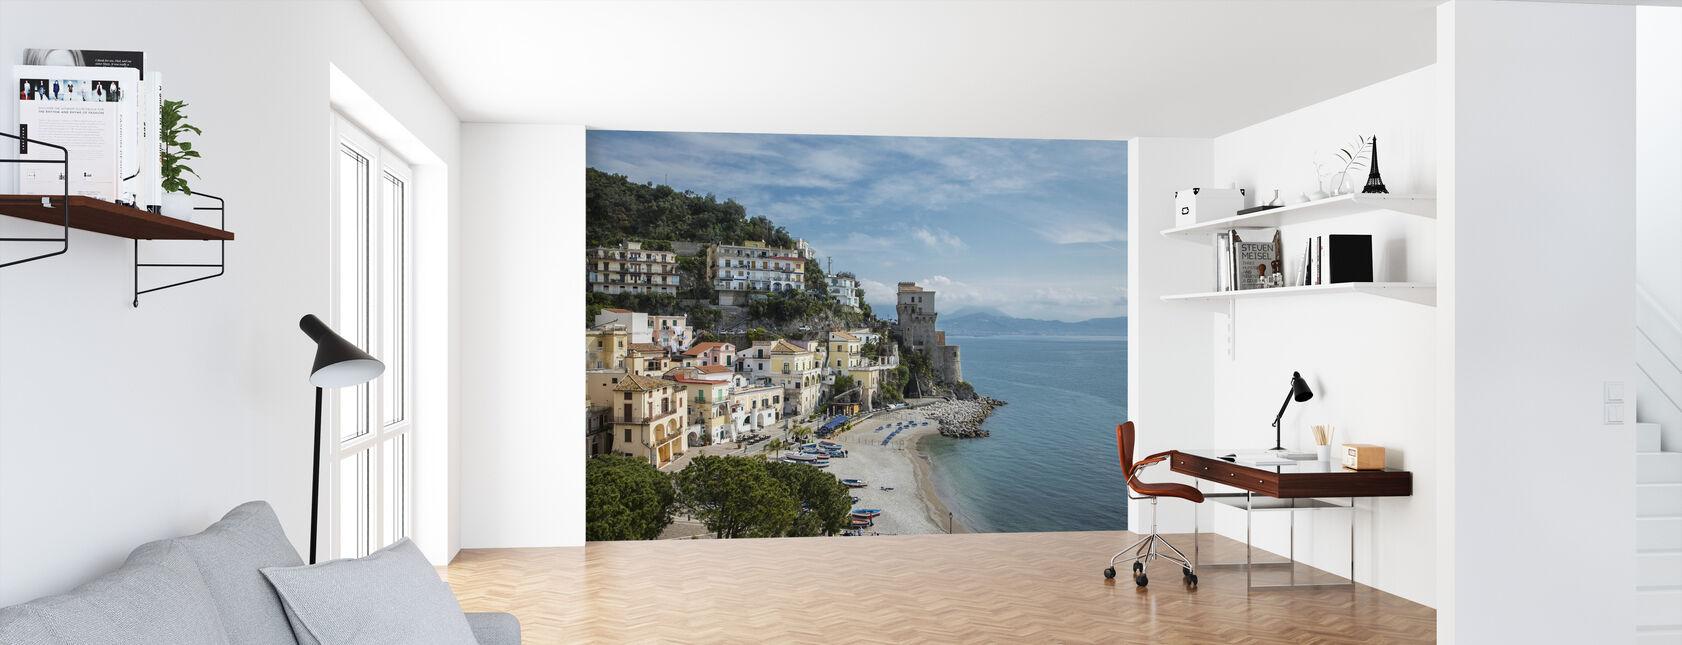 Amalfi-kust - Behang - Kantoor